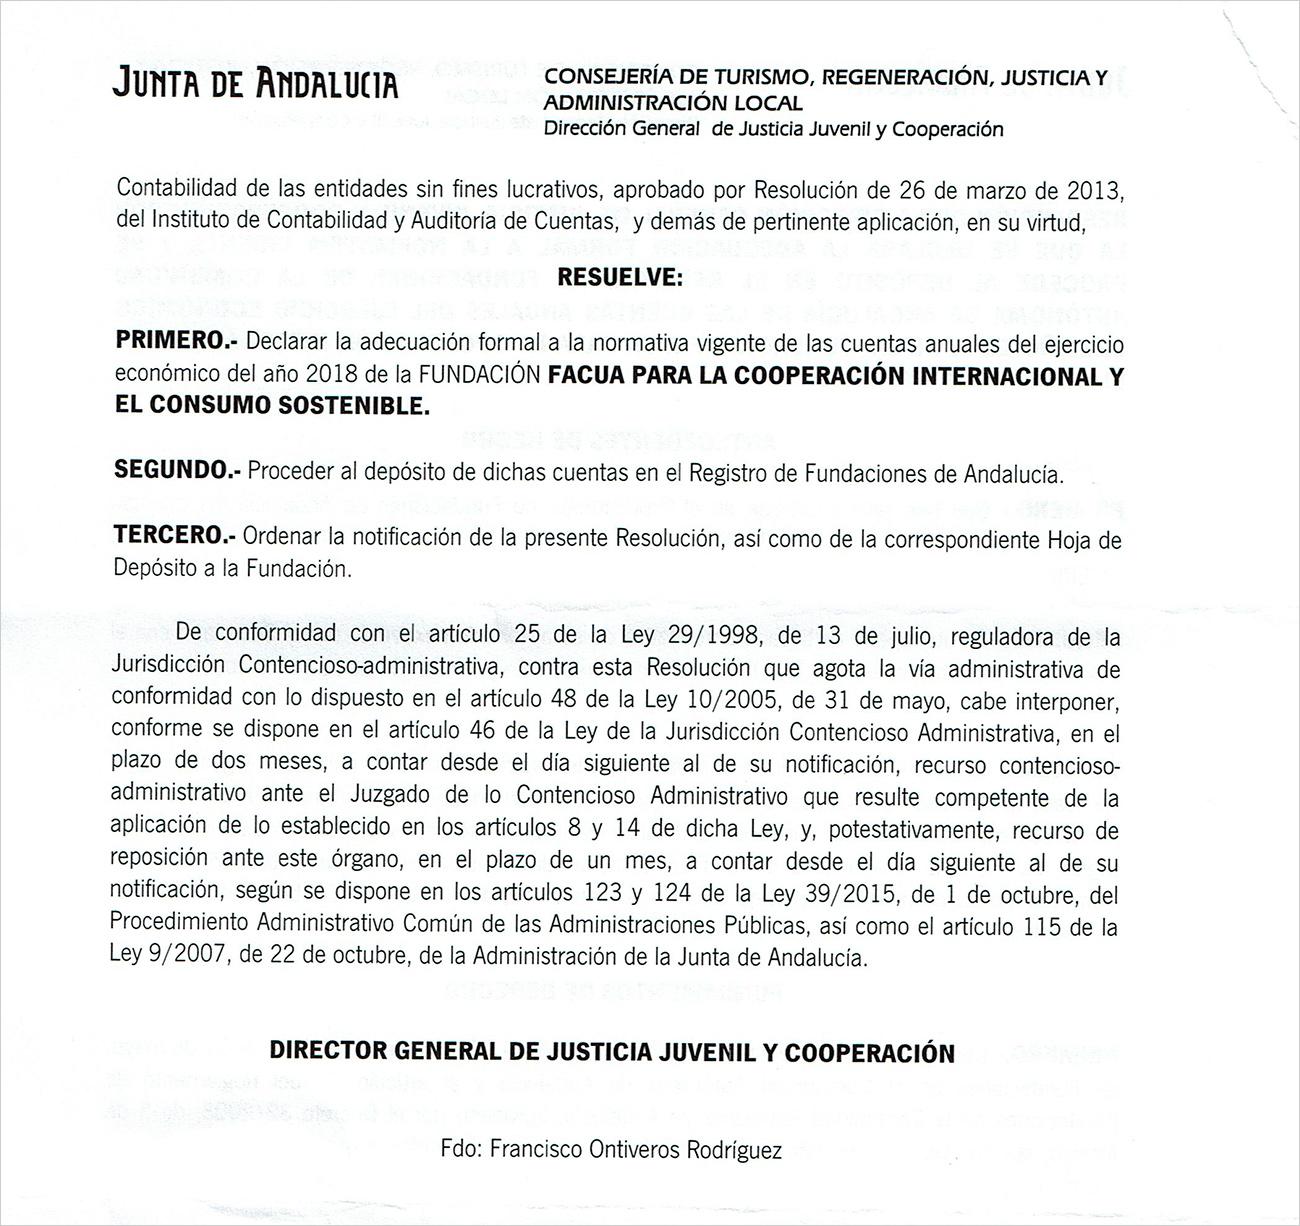 Una resolución de la Junta desmonta una noticia falsa de 'Abc' sobre las cuentas de la Fundación FACUA